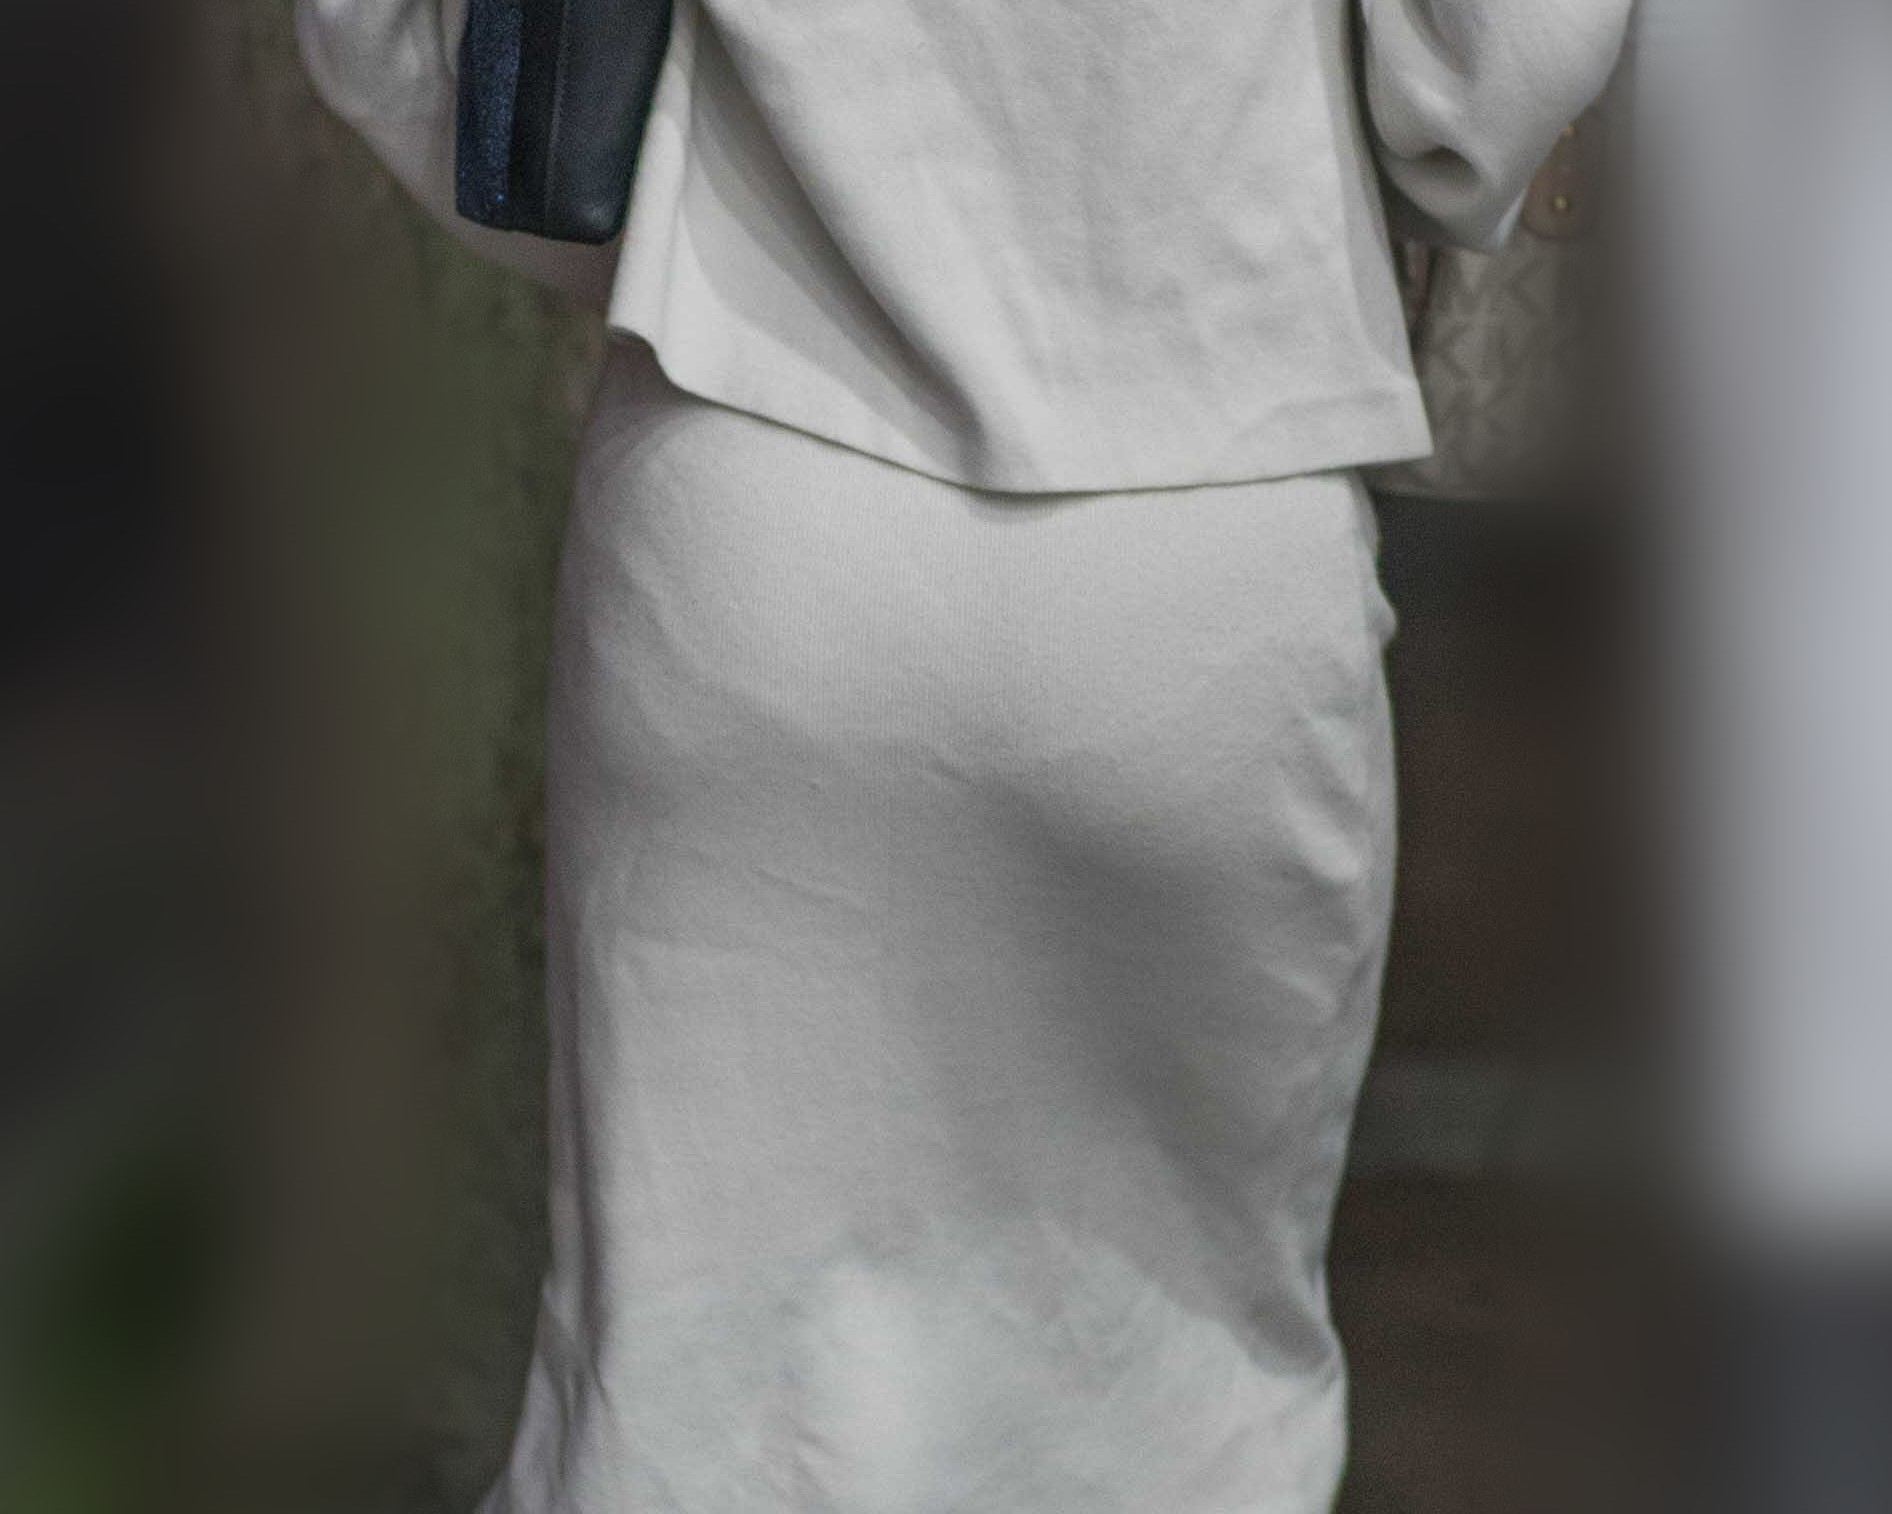 美尻にフリルのパンティーラインがエロすぎる白のタイトロングのお嬢さん!